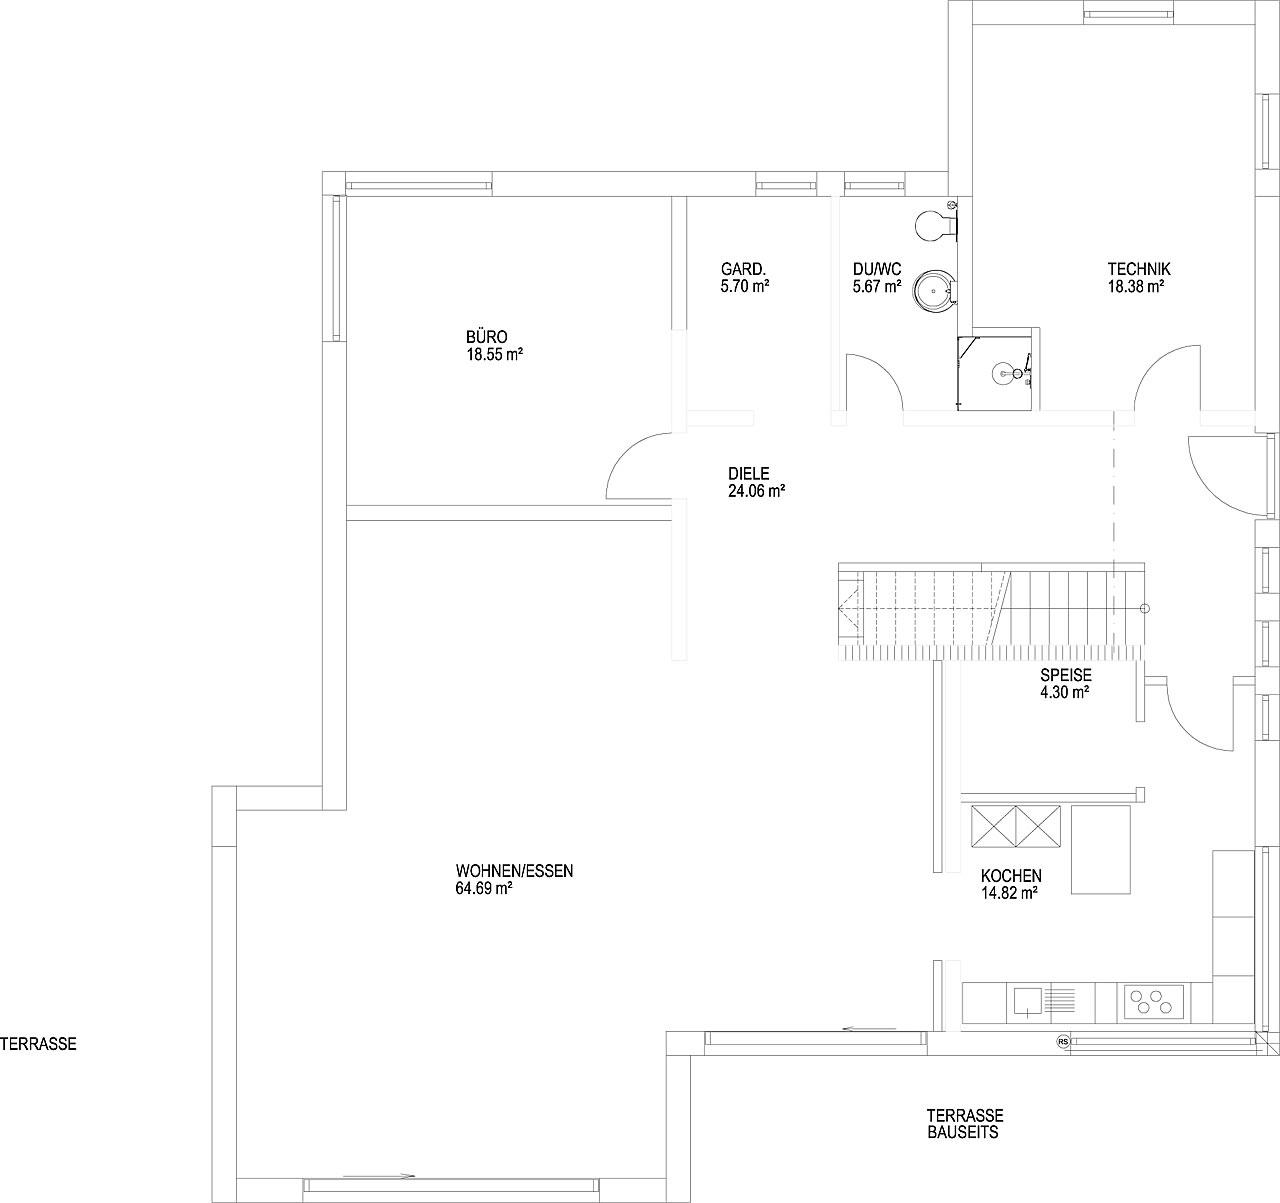 Erdgeschoss Pultdach Klassik 257 von LUXHAUS Vertrieb GmbH & Co. KG